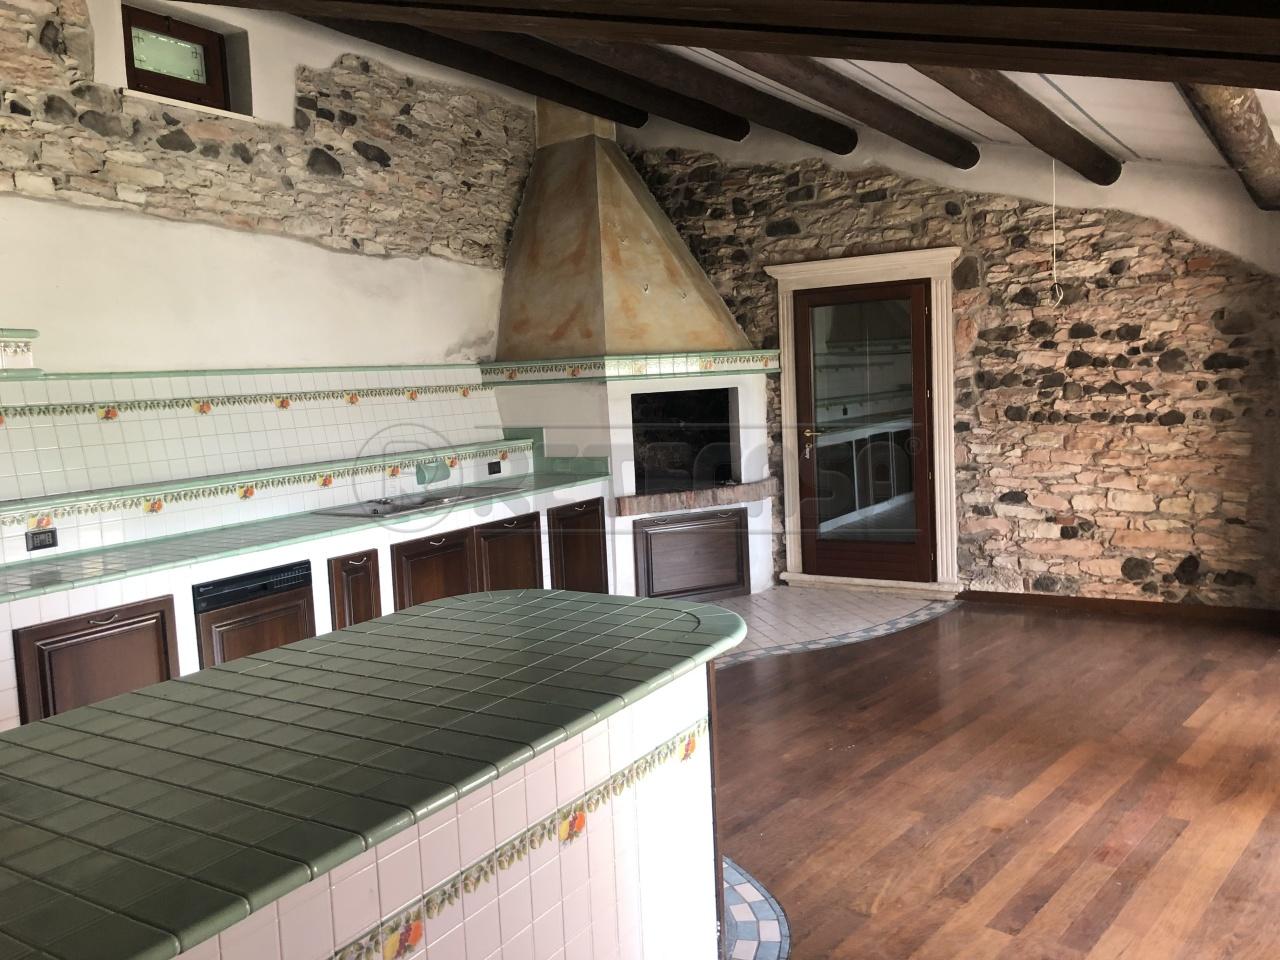 Albergo in vendita a Montorso Vicentino, 13 locali, Trattative riservate | CambioCasa.it